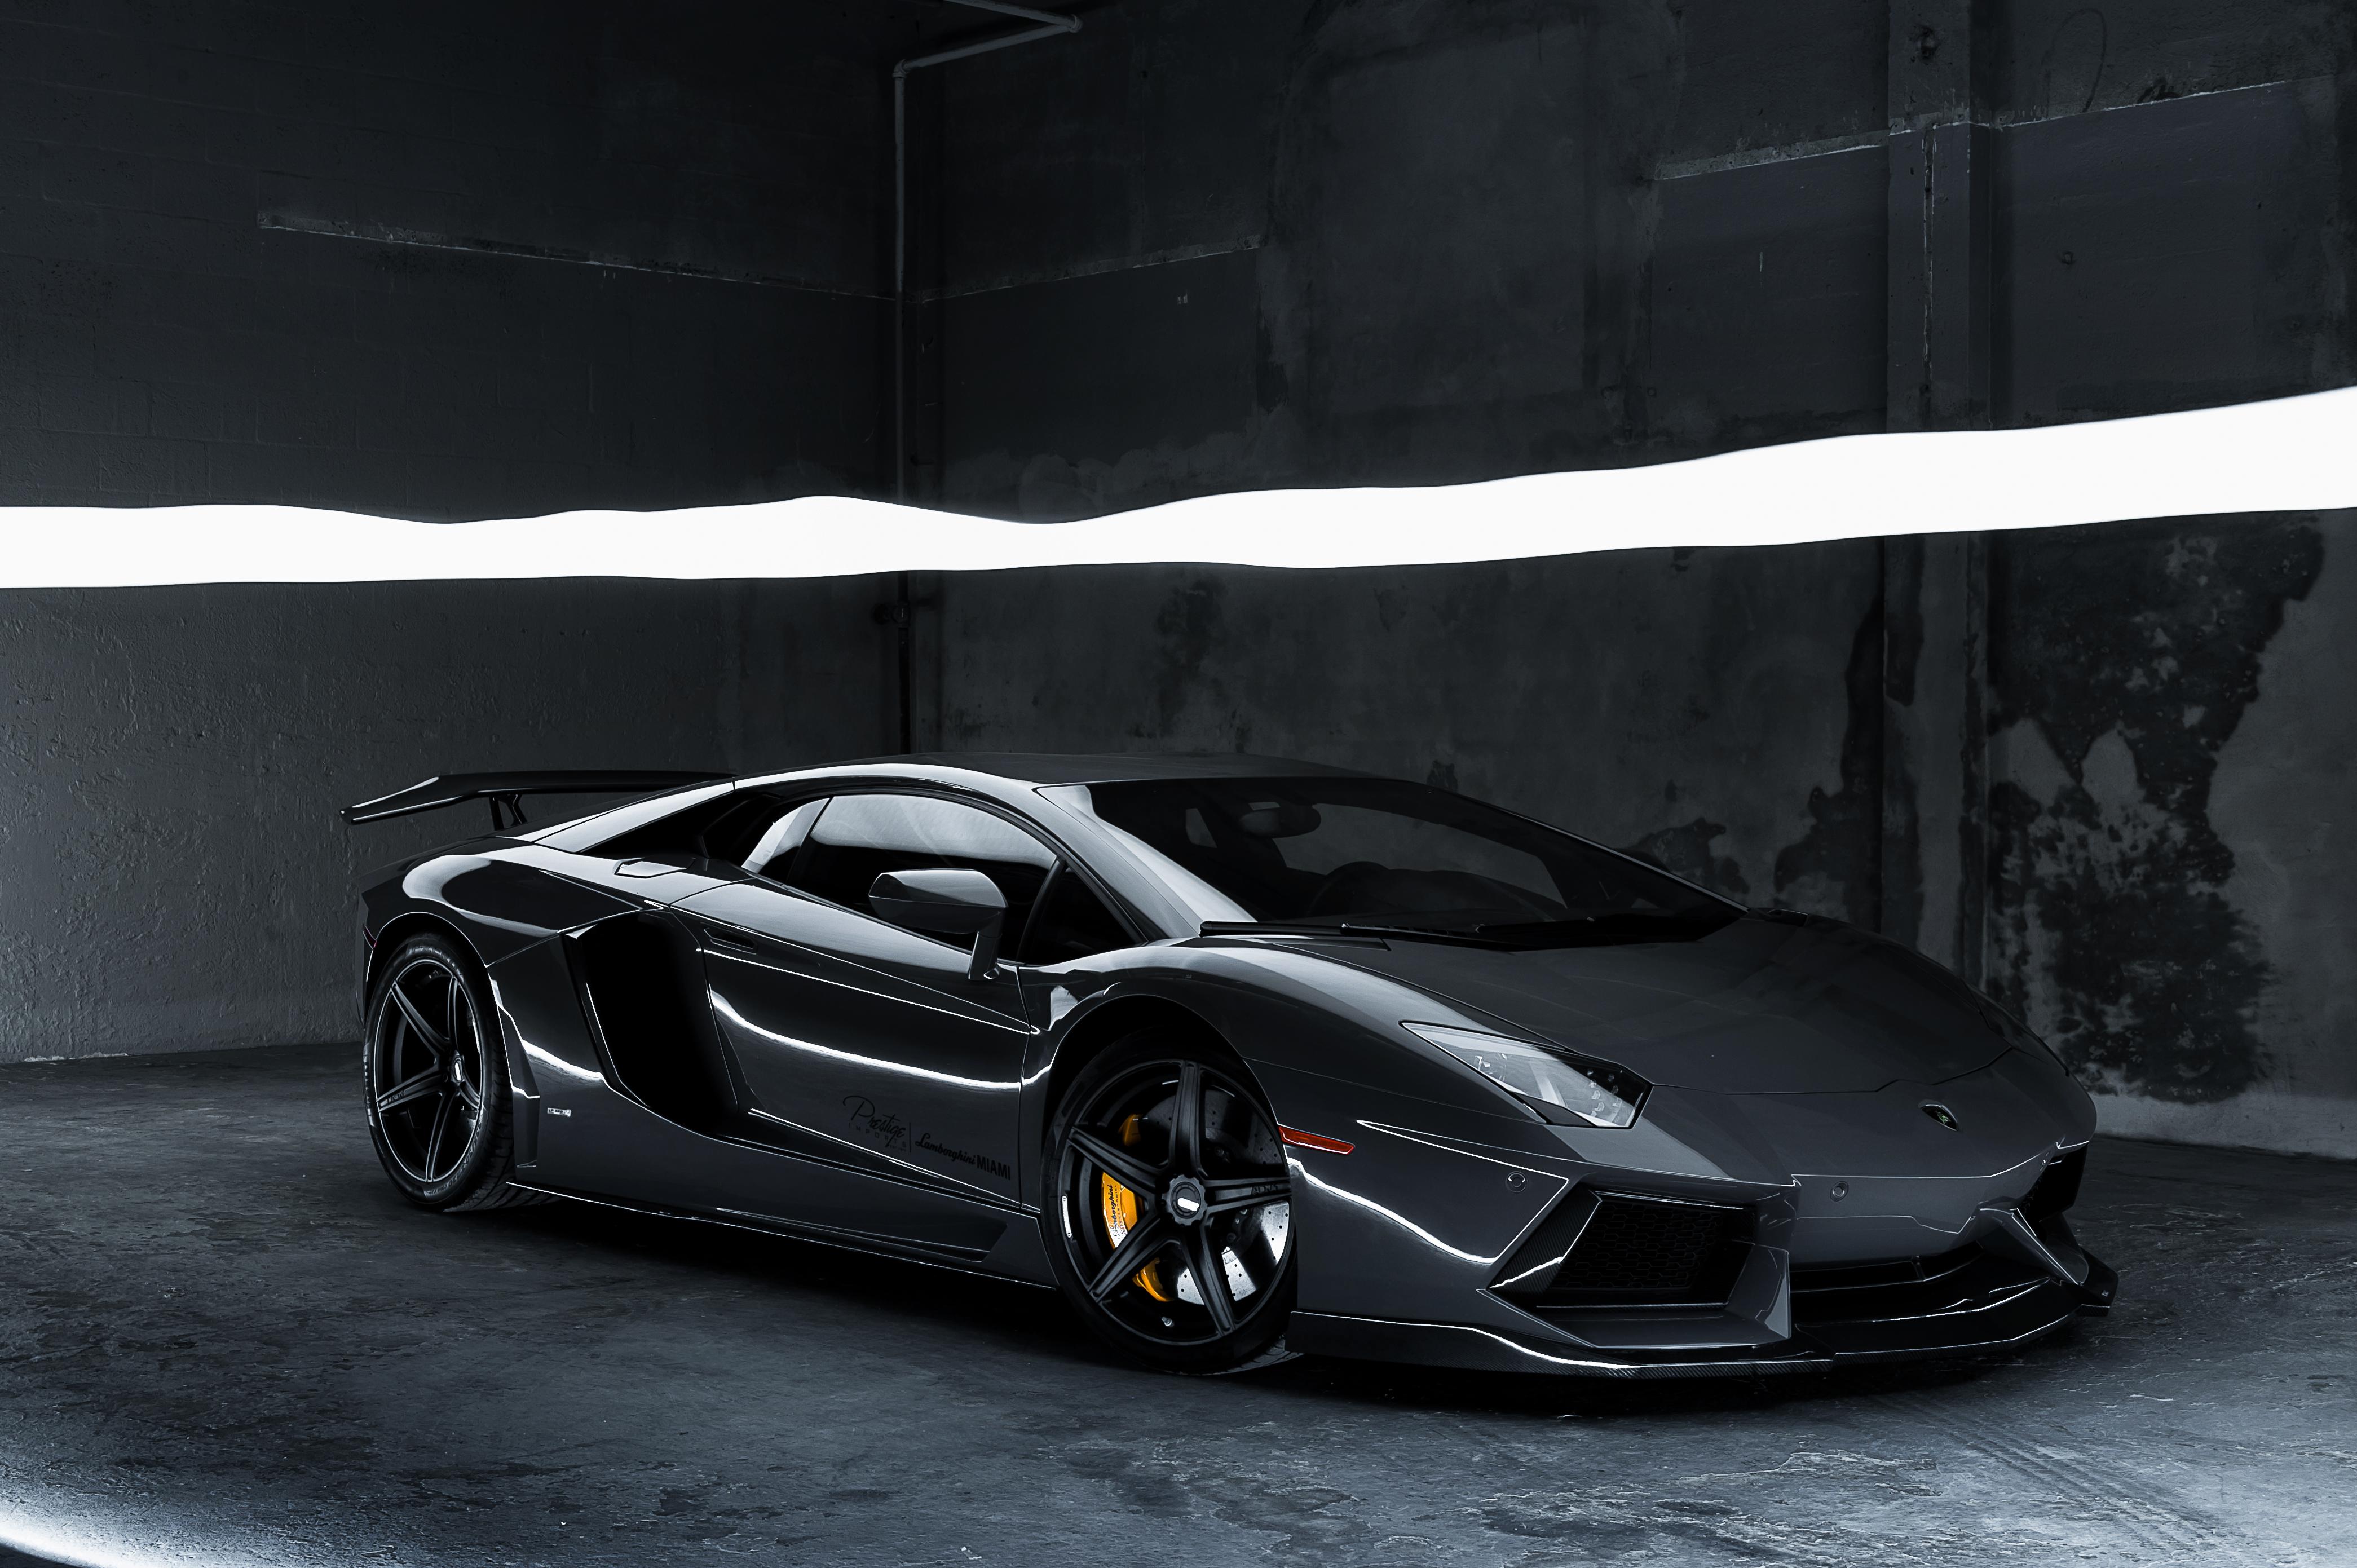 Adv1 Aventador Lamborghini Miami Wallpapers: ADV_1 Prestige Imports Lamborghini Aventador Wallpaper